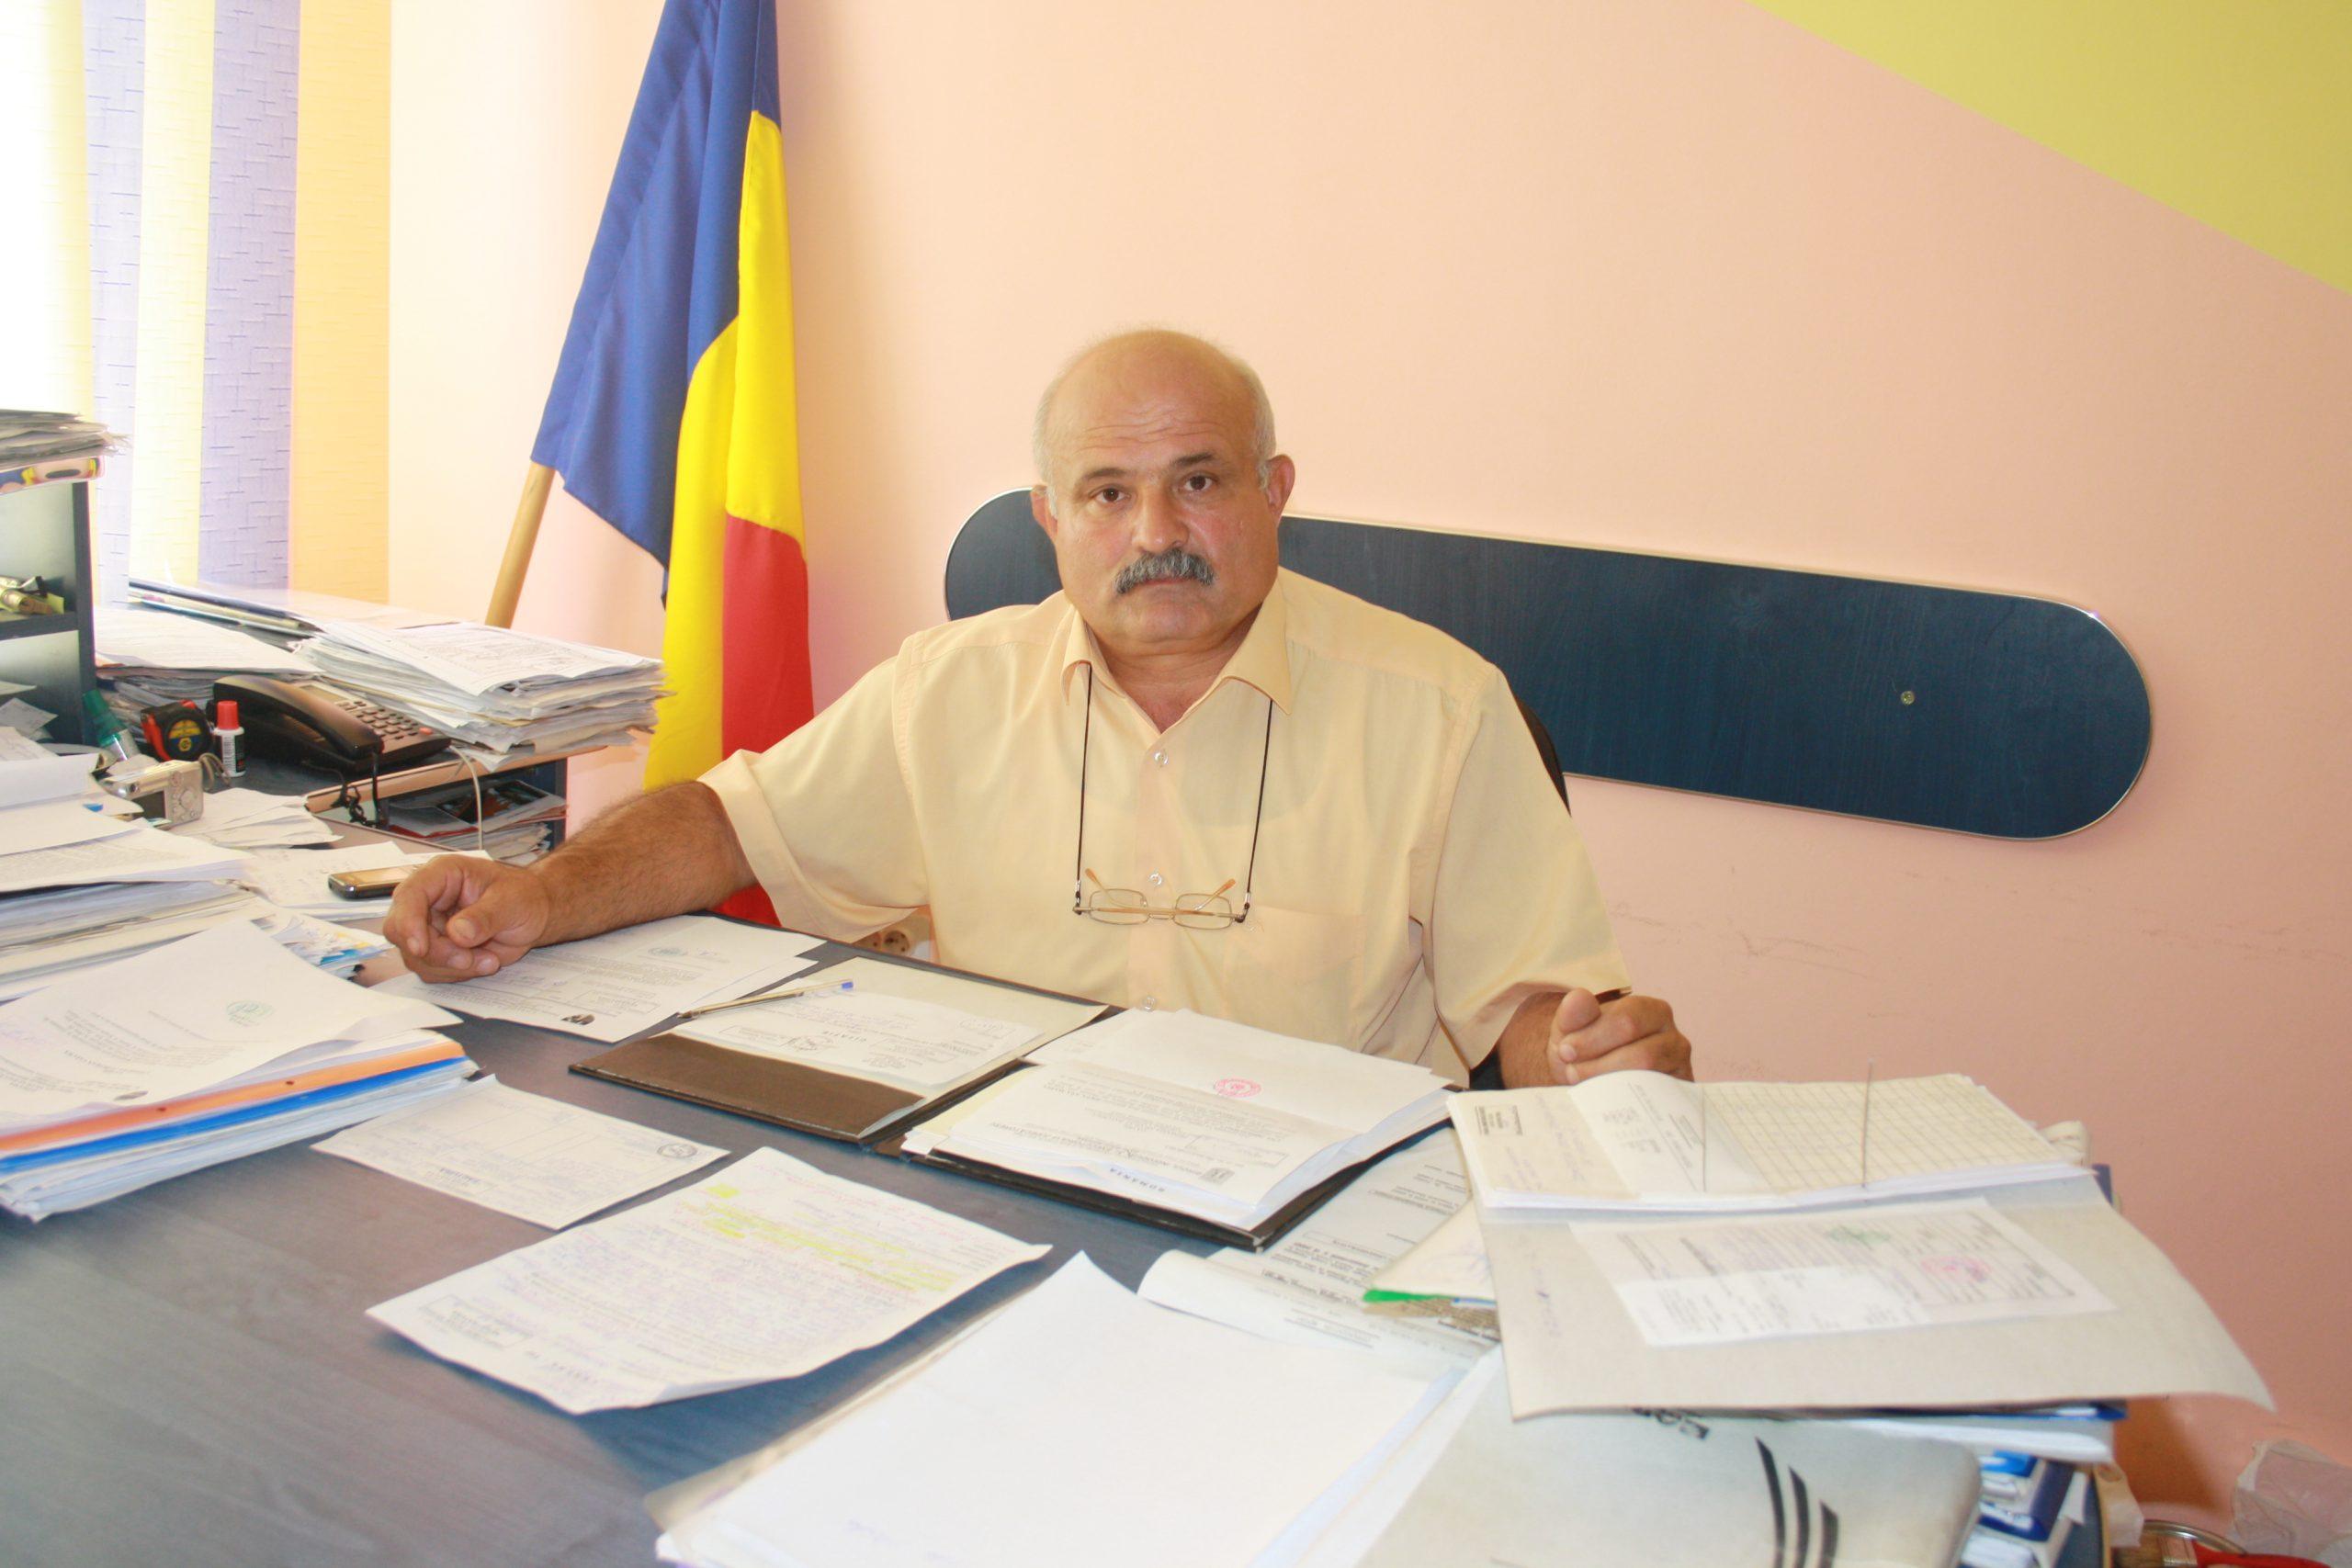 Proiectele primăriei Nicolae Bălcescu